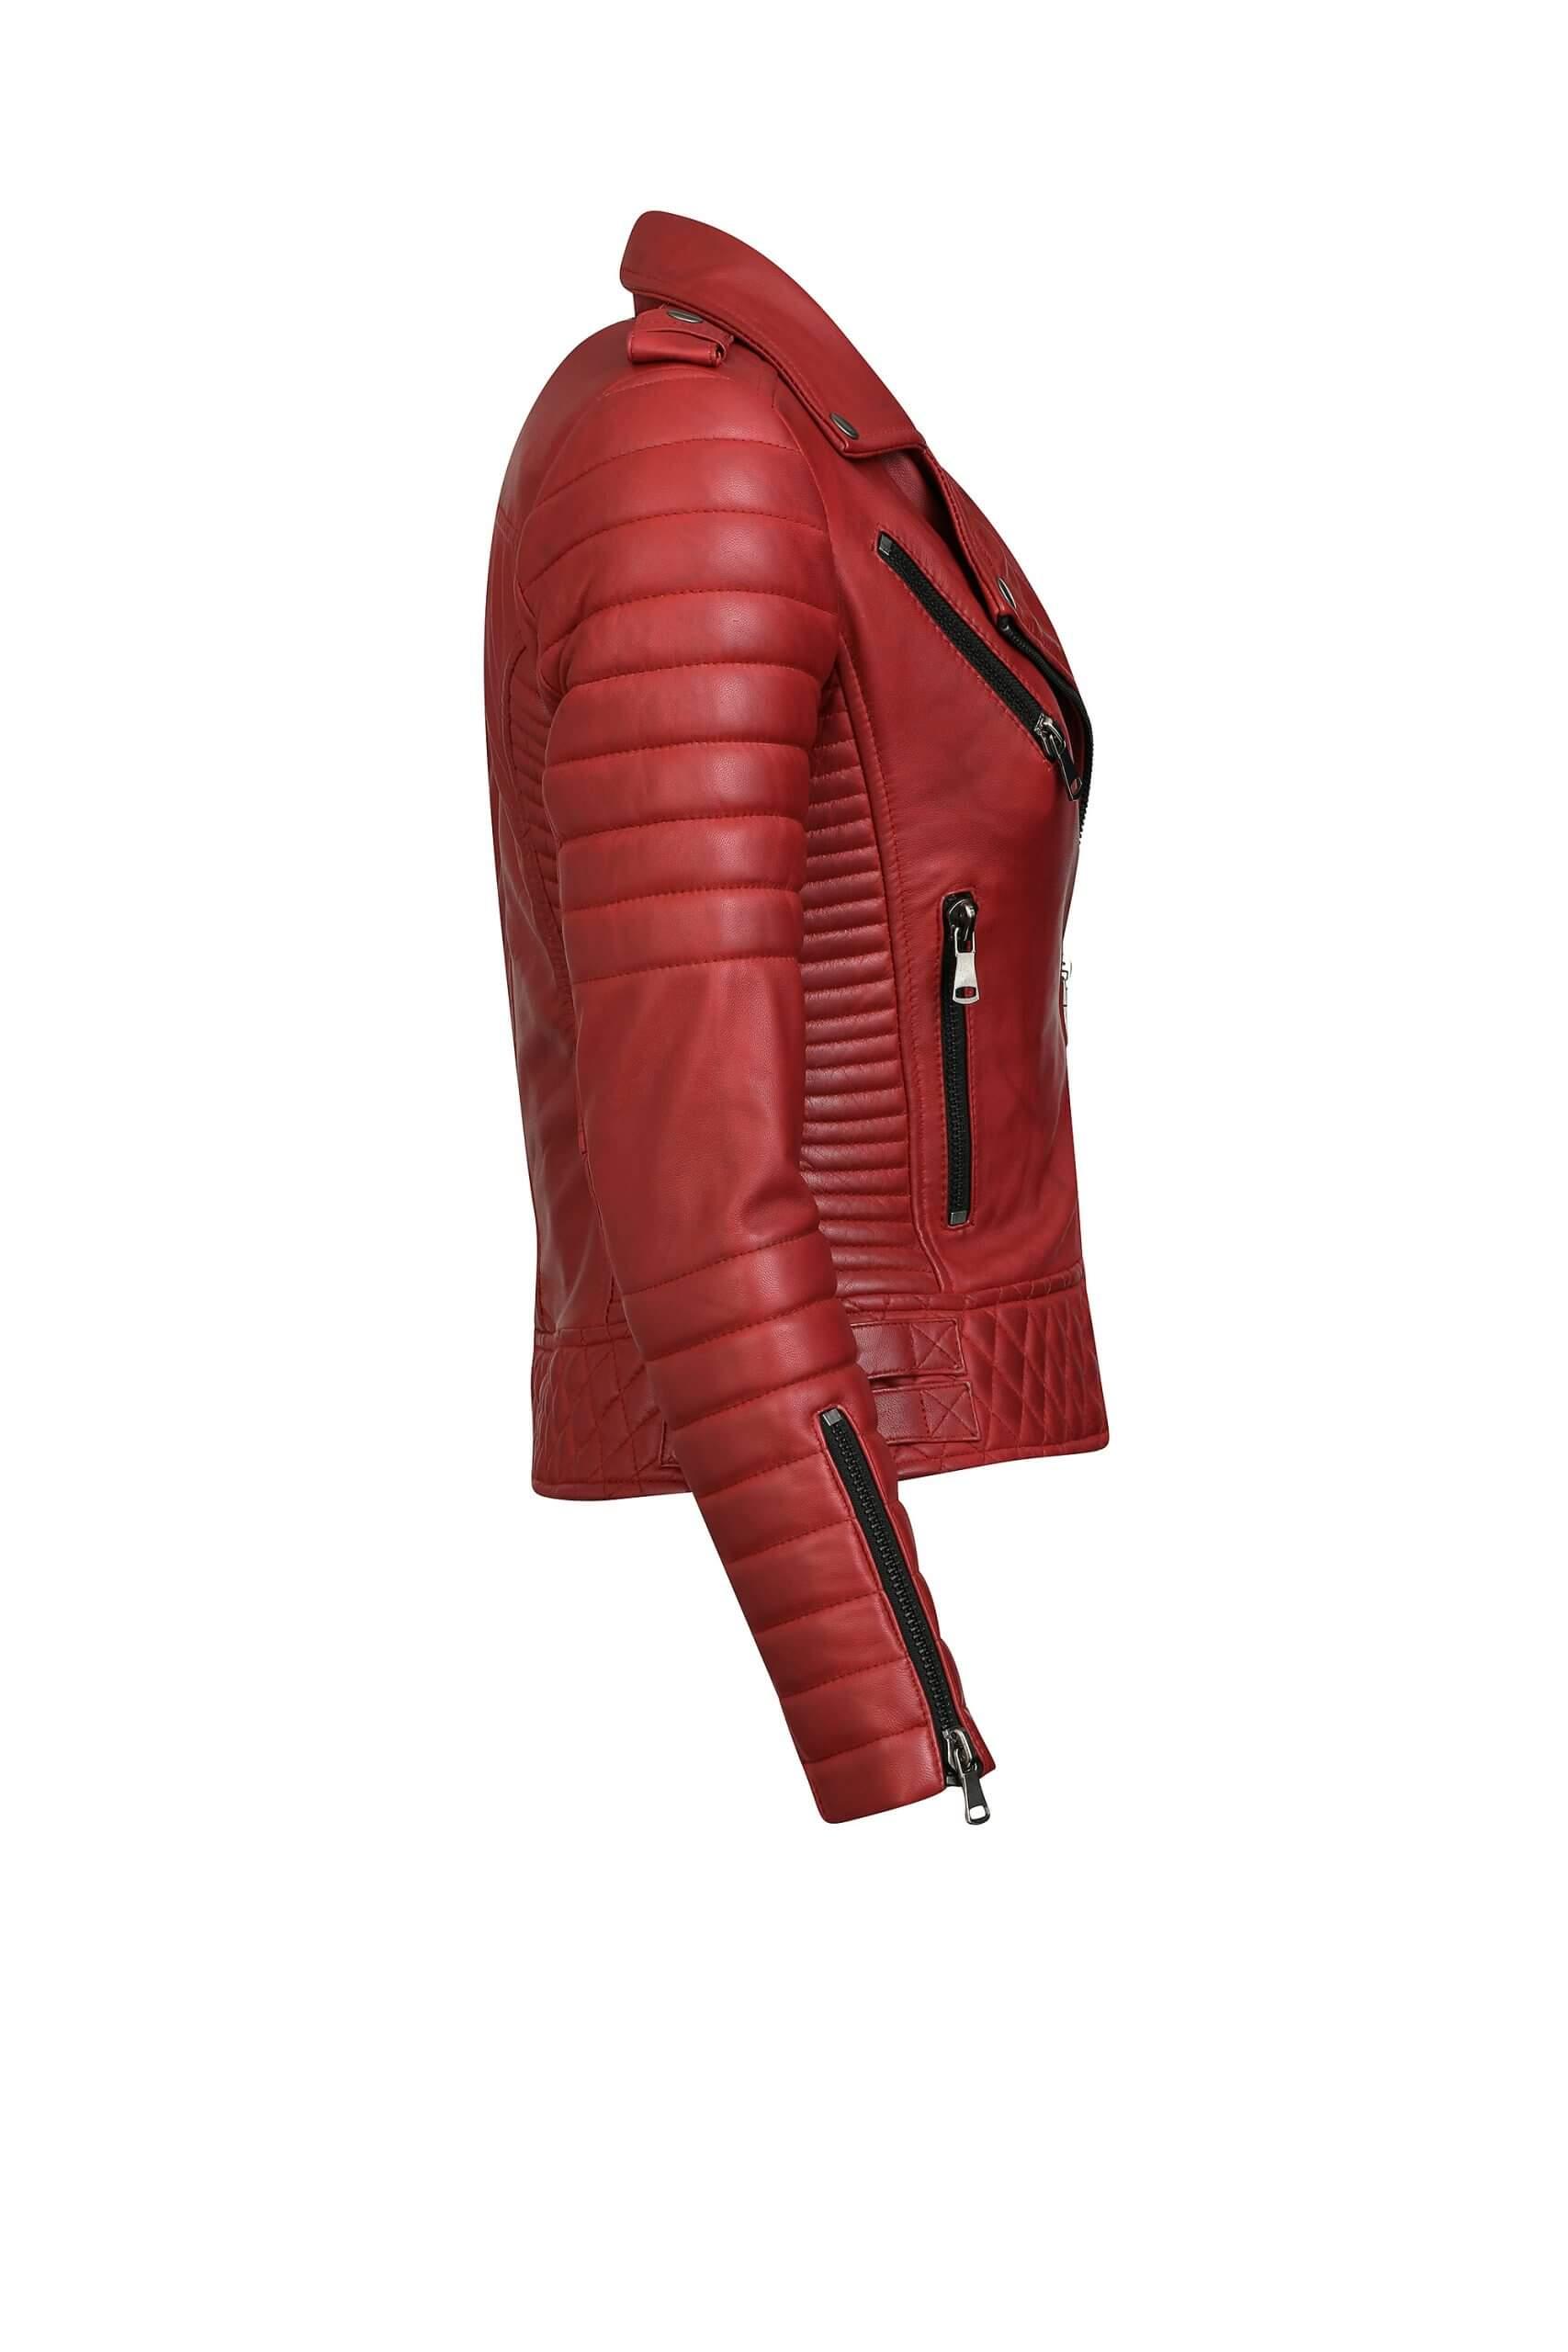 Chinco-Delore biker rood